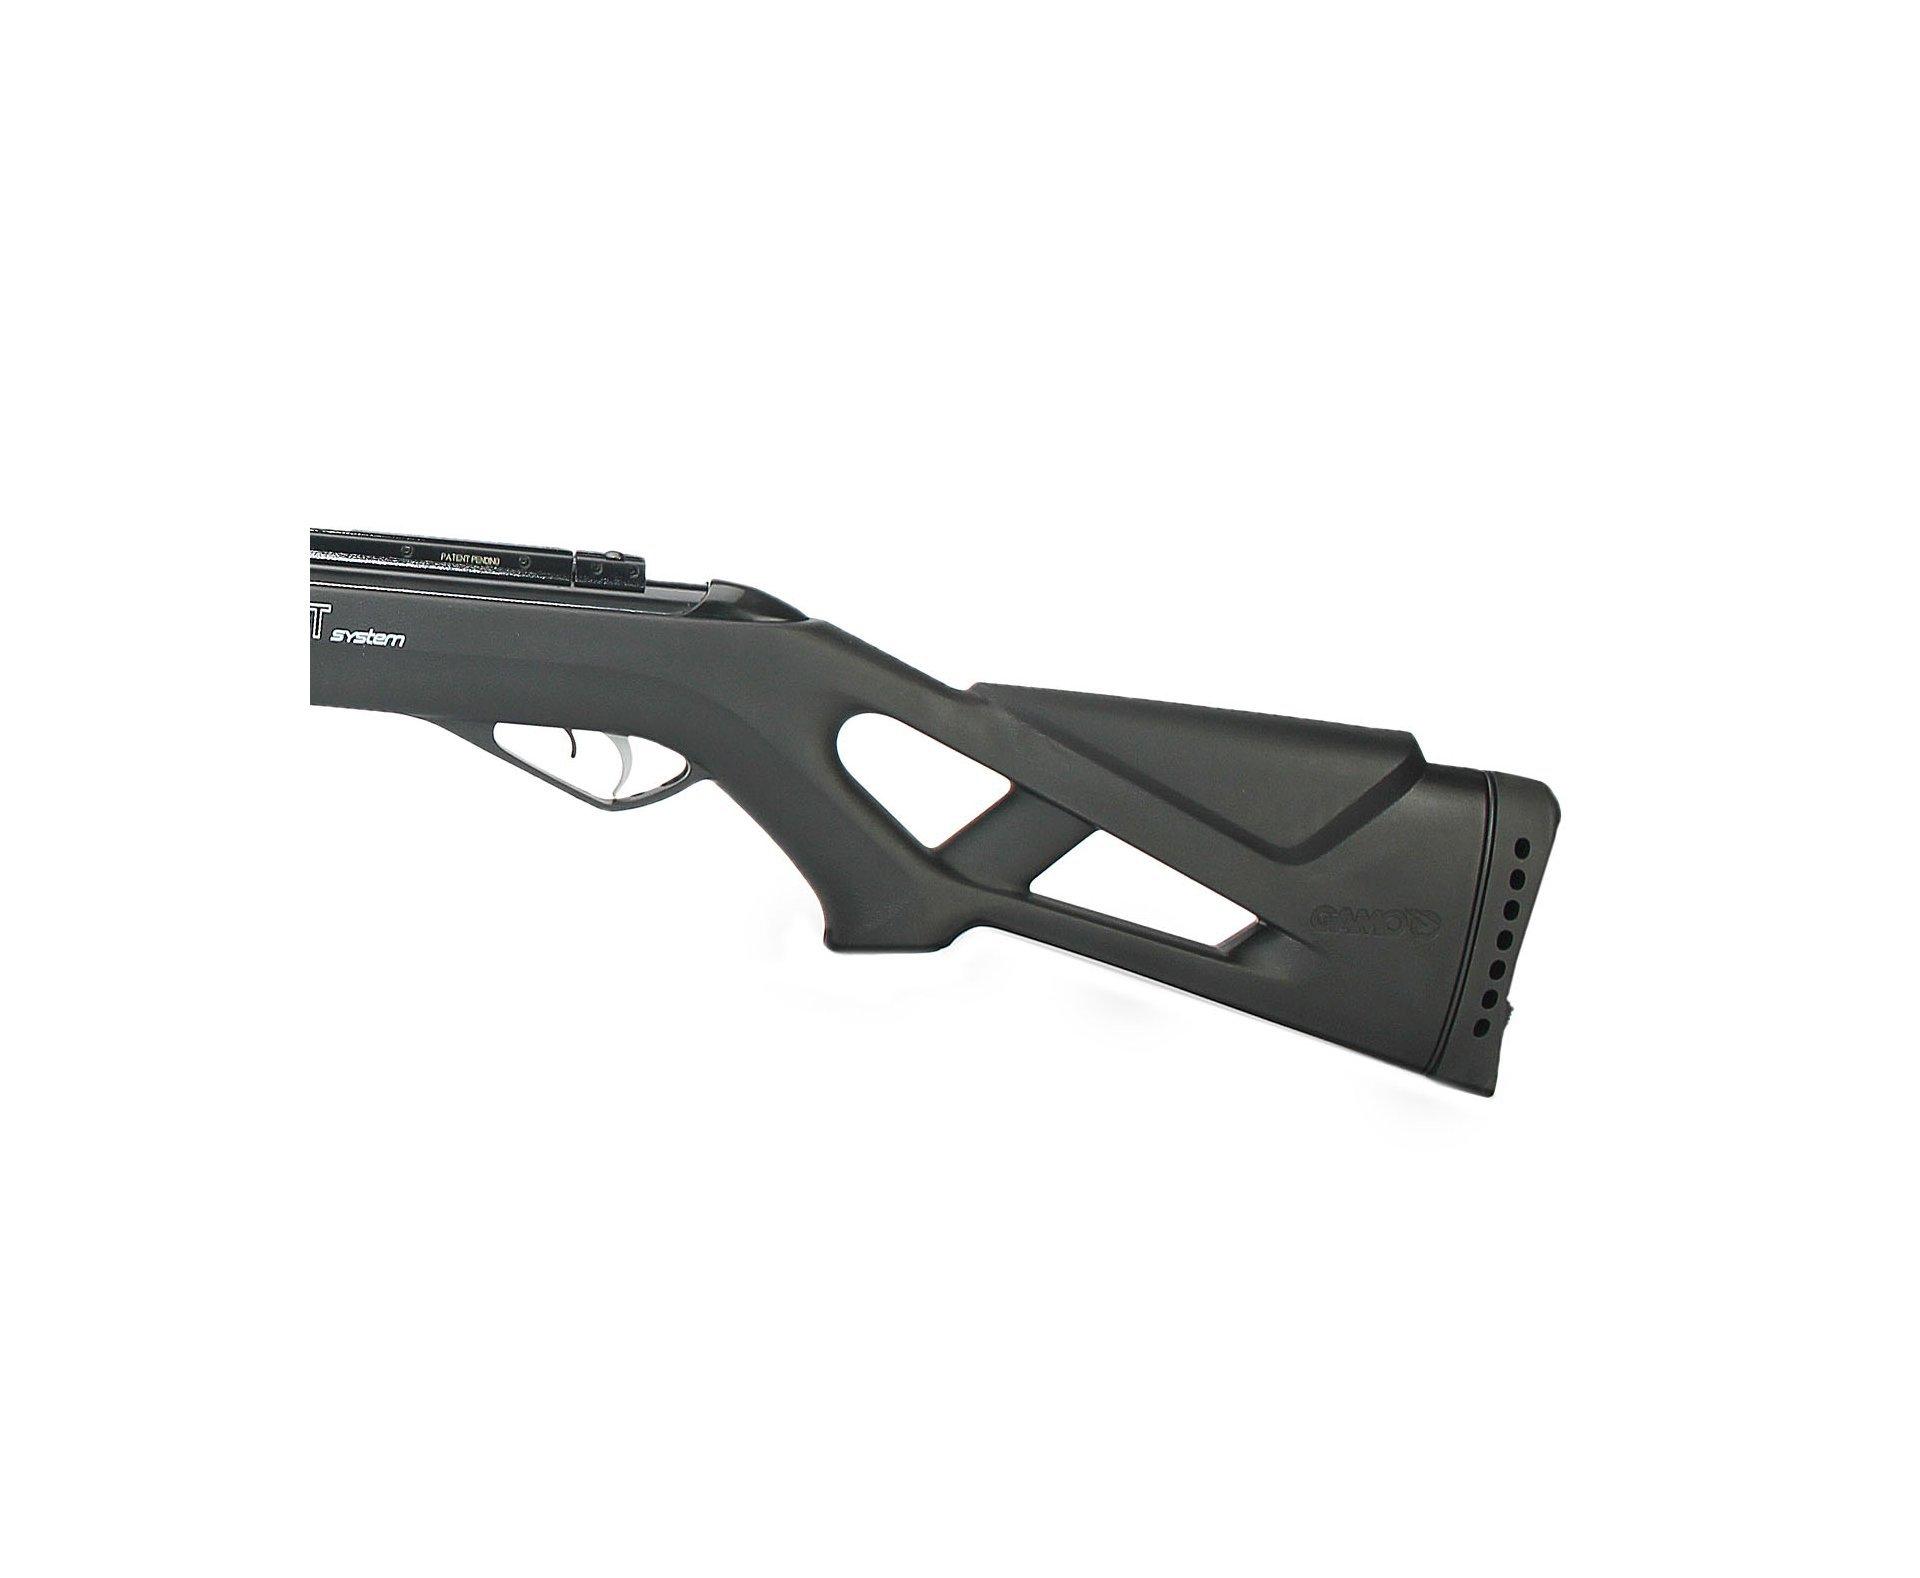 Carabina De Pressão Gamo Whisper Igt - Calibre 5,5mm